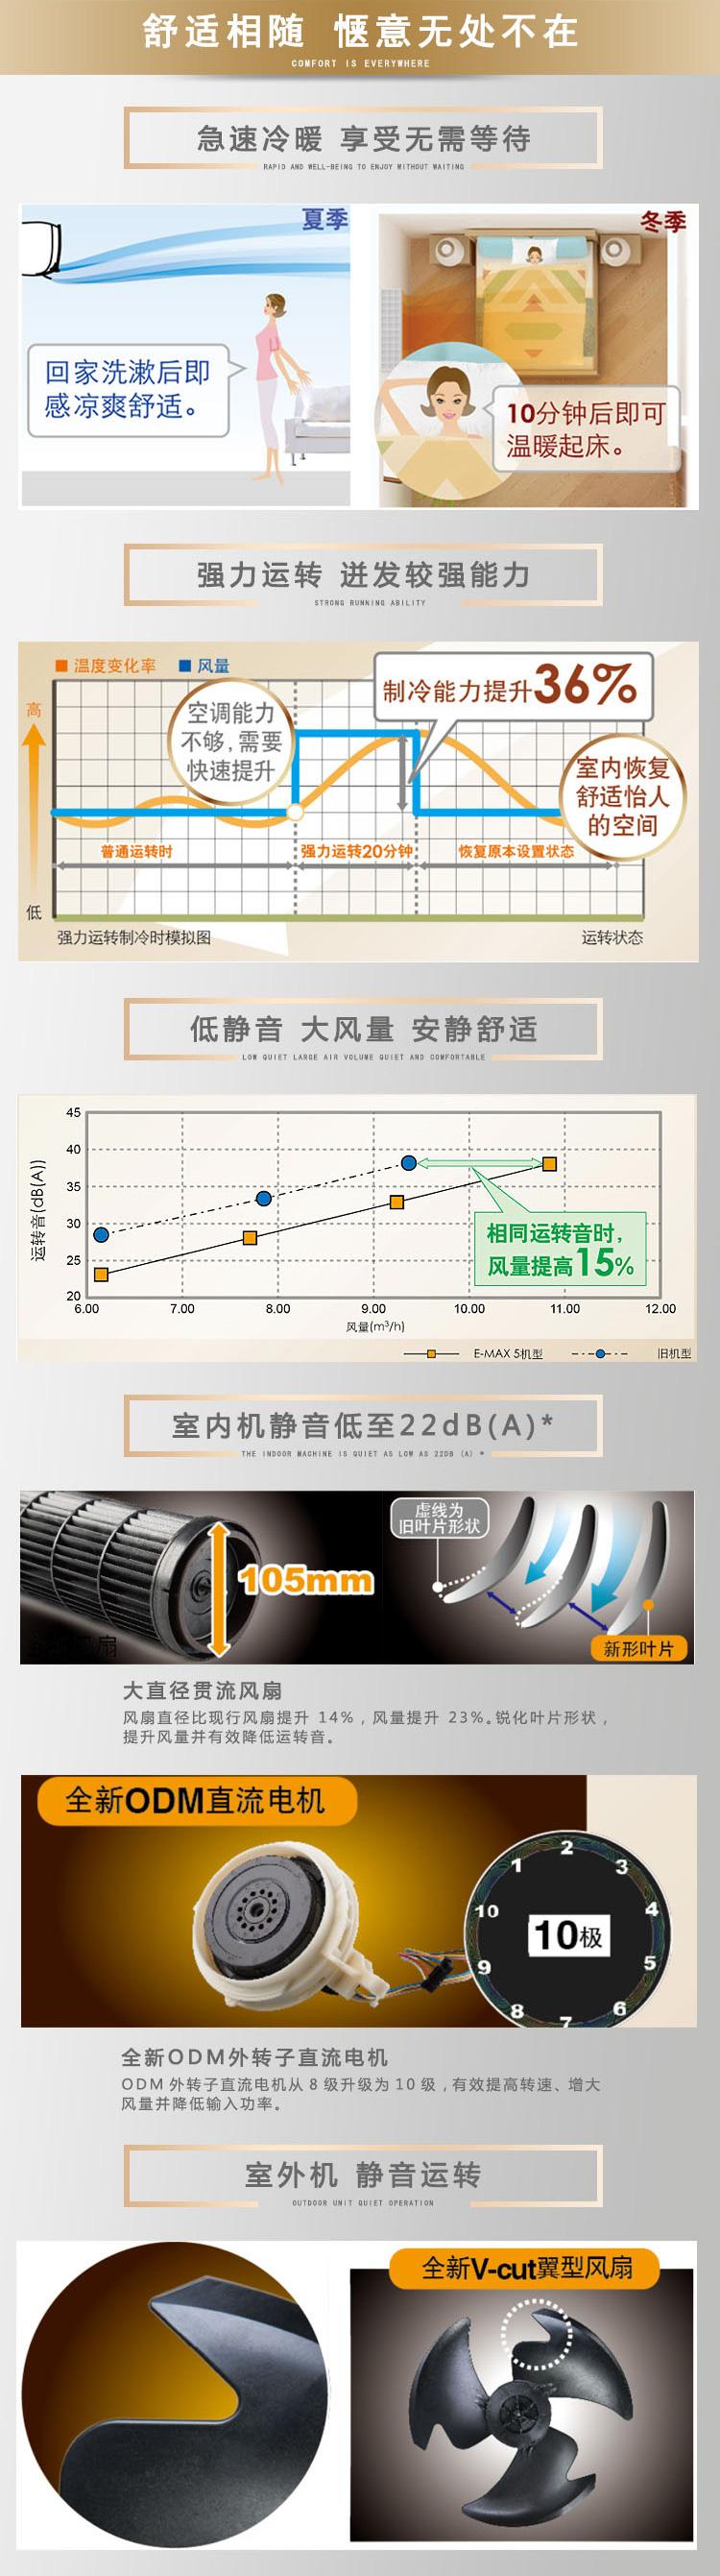 旧空调要求内外机,压缩机,连接铜管等附件完整,不完整的旧空调按照